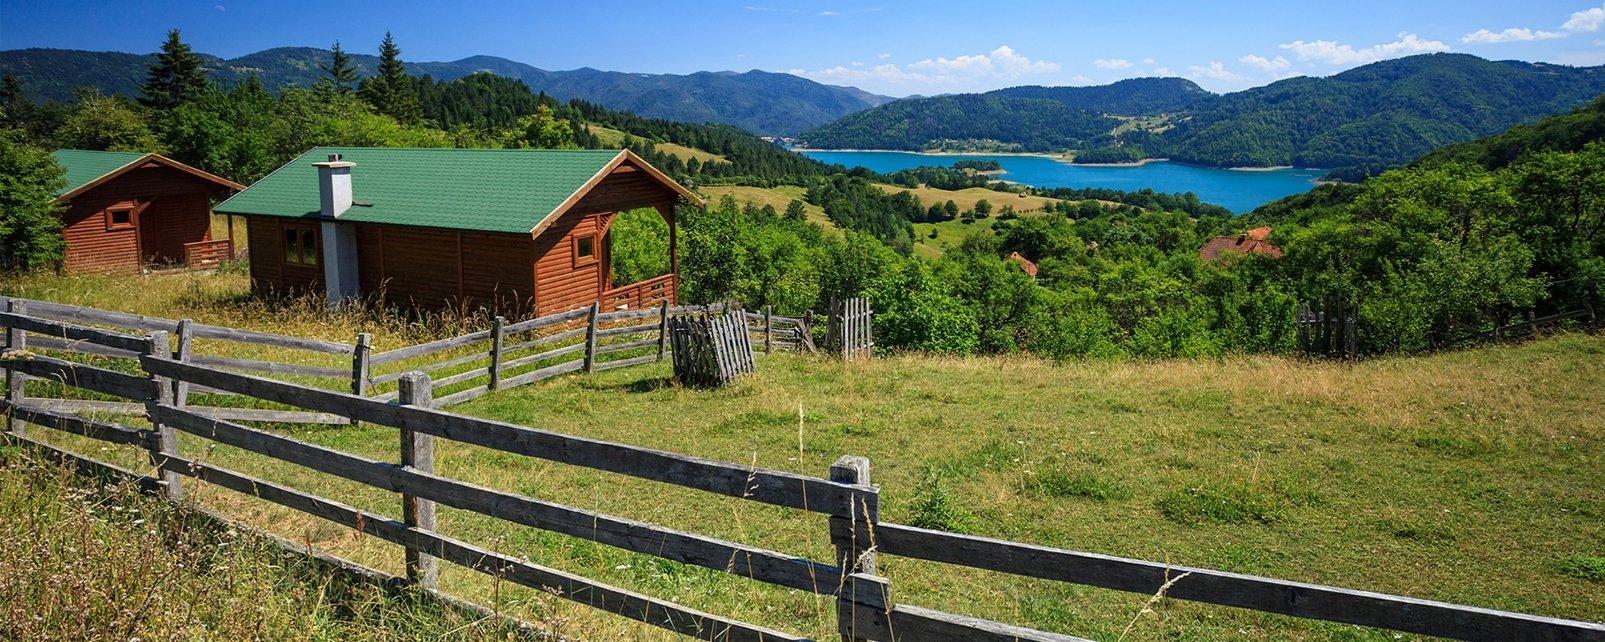 Parco nazionale di Tara, Le montagne, I paesaggi, Serbia